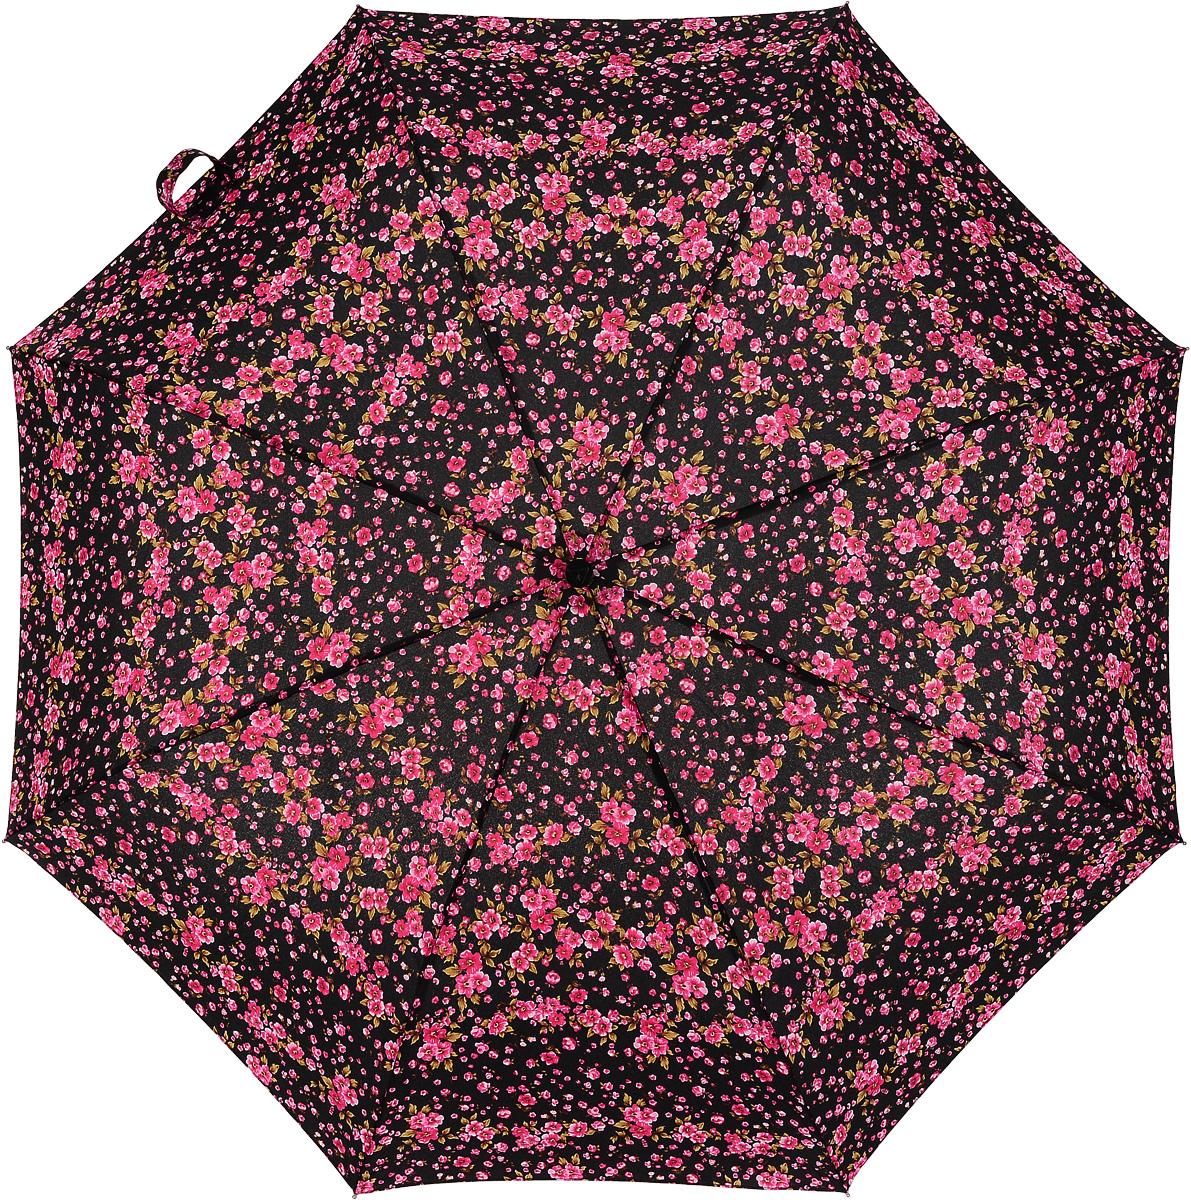 Зонт женский Fulton, механический, 3 сложения, цвет: черный, малиновый. L354-2765 L354-2765 SweetWilliam